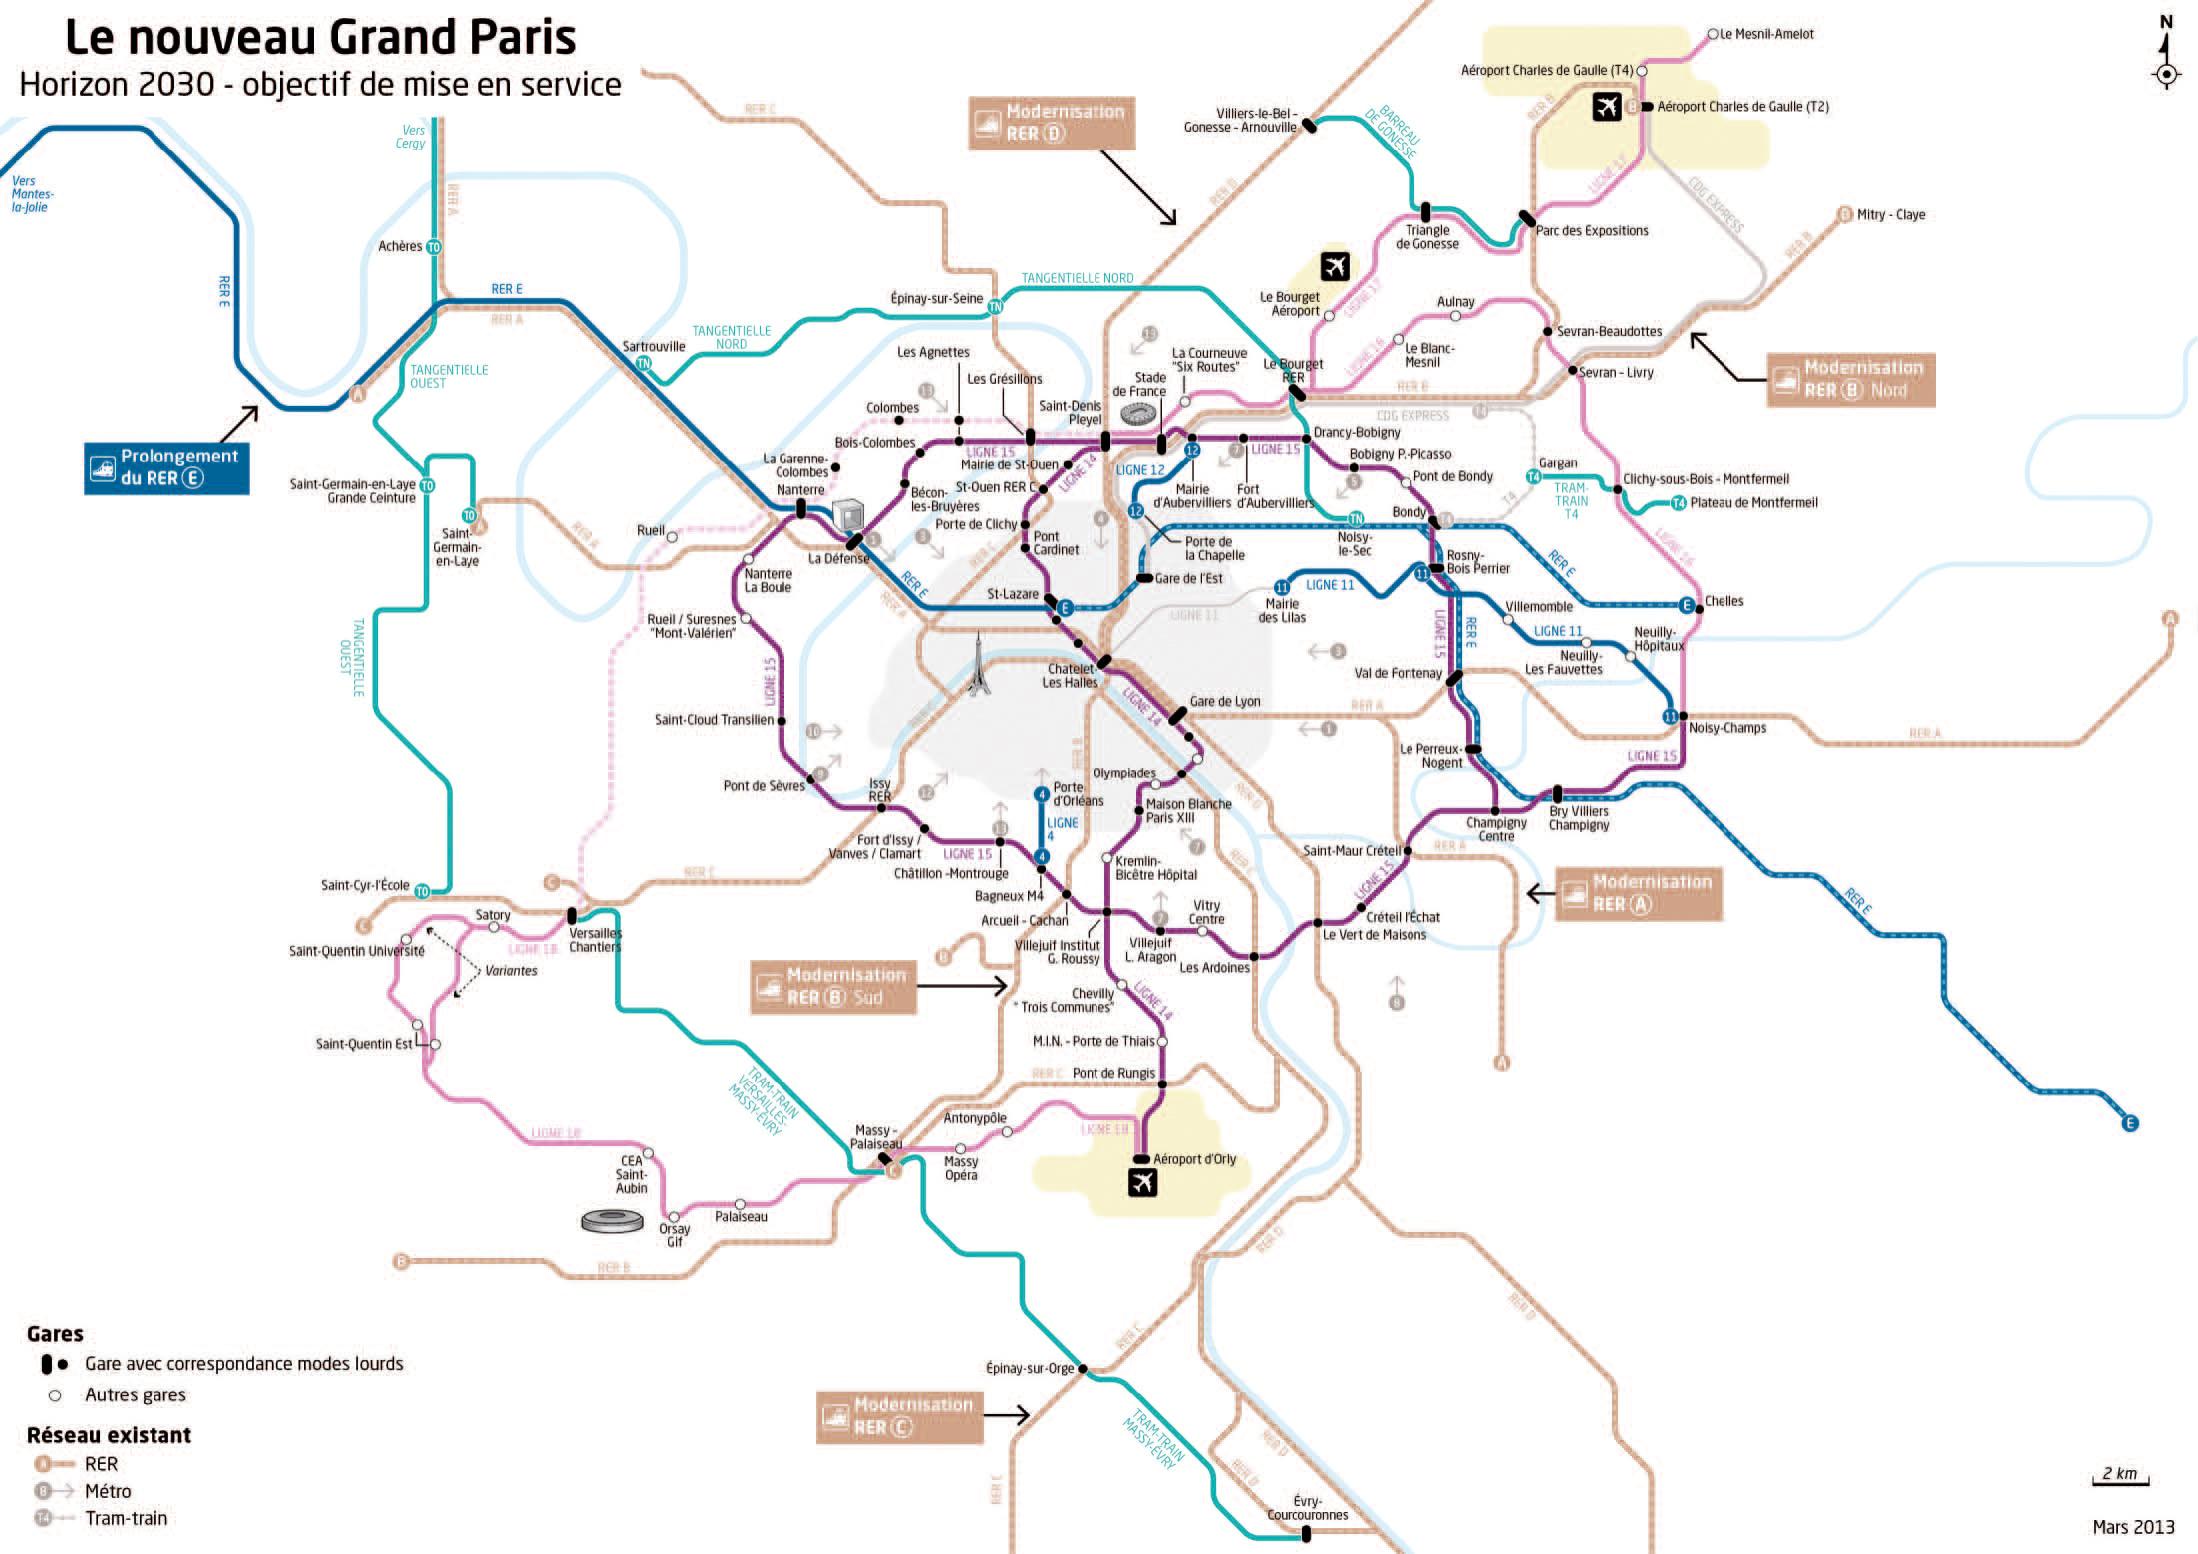 Le Grand Paris remonte en scène